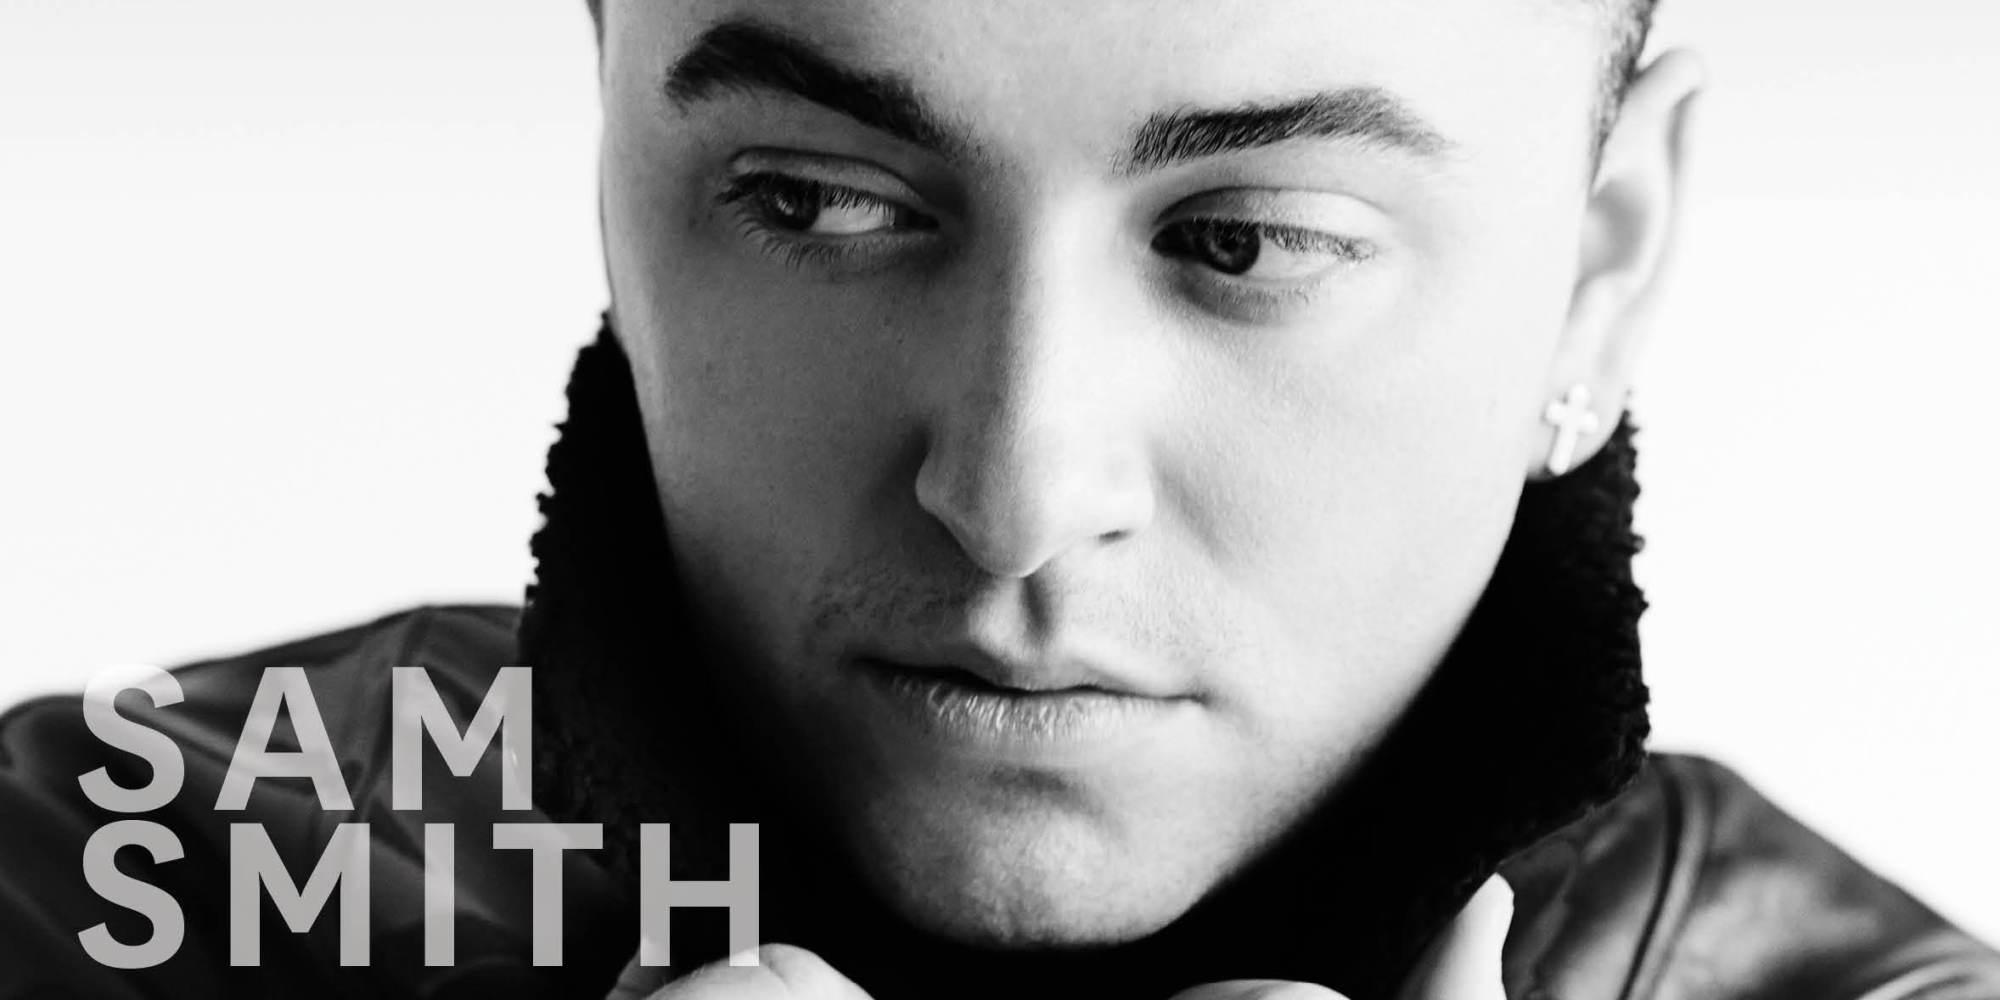 o-SAM-SMITH-OUT-100-facebook.jpg